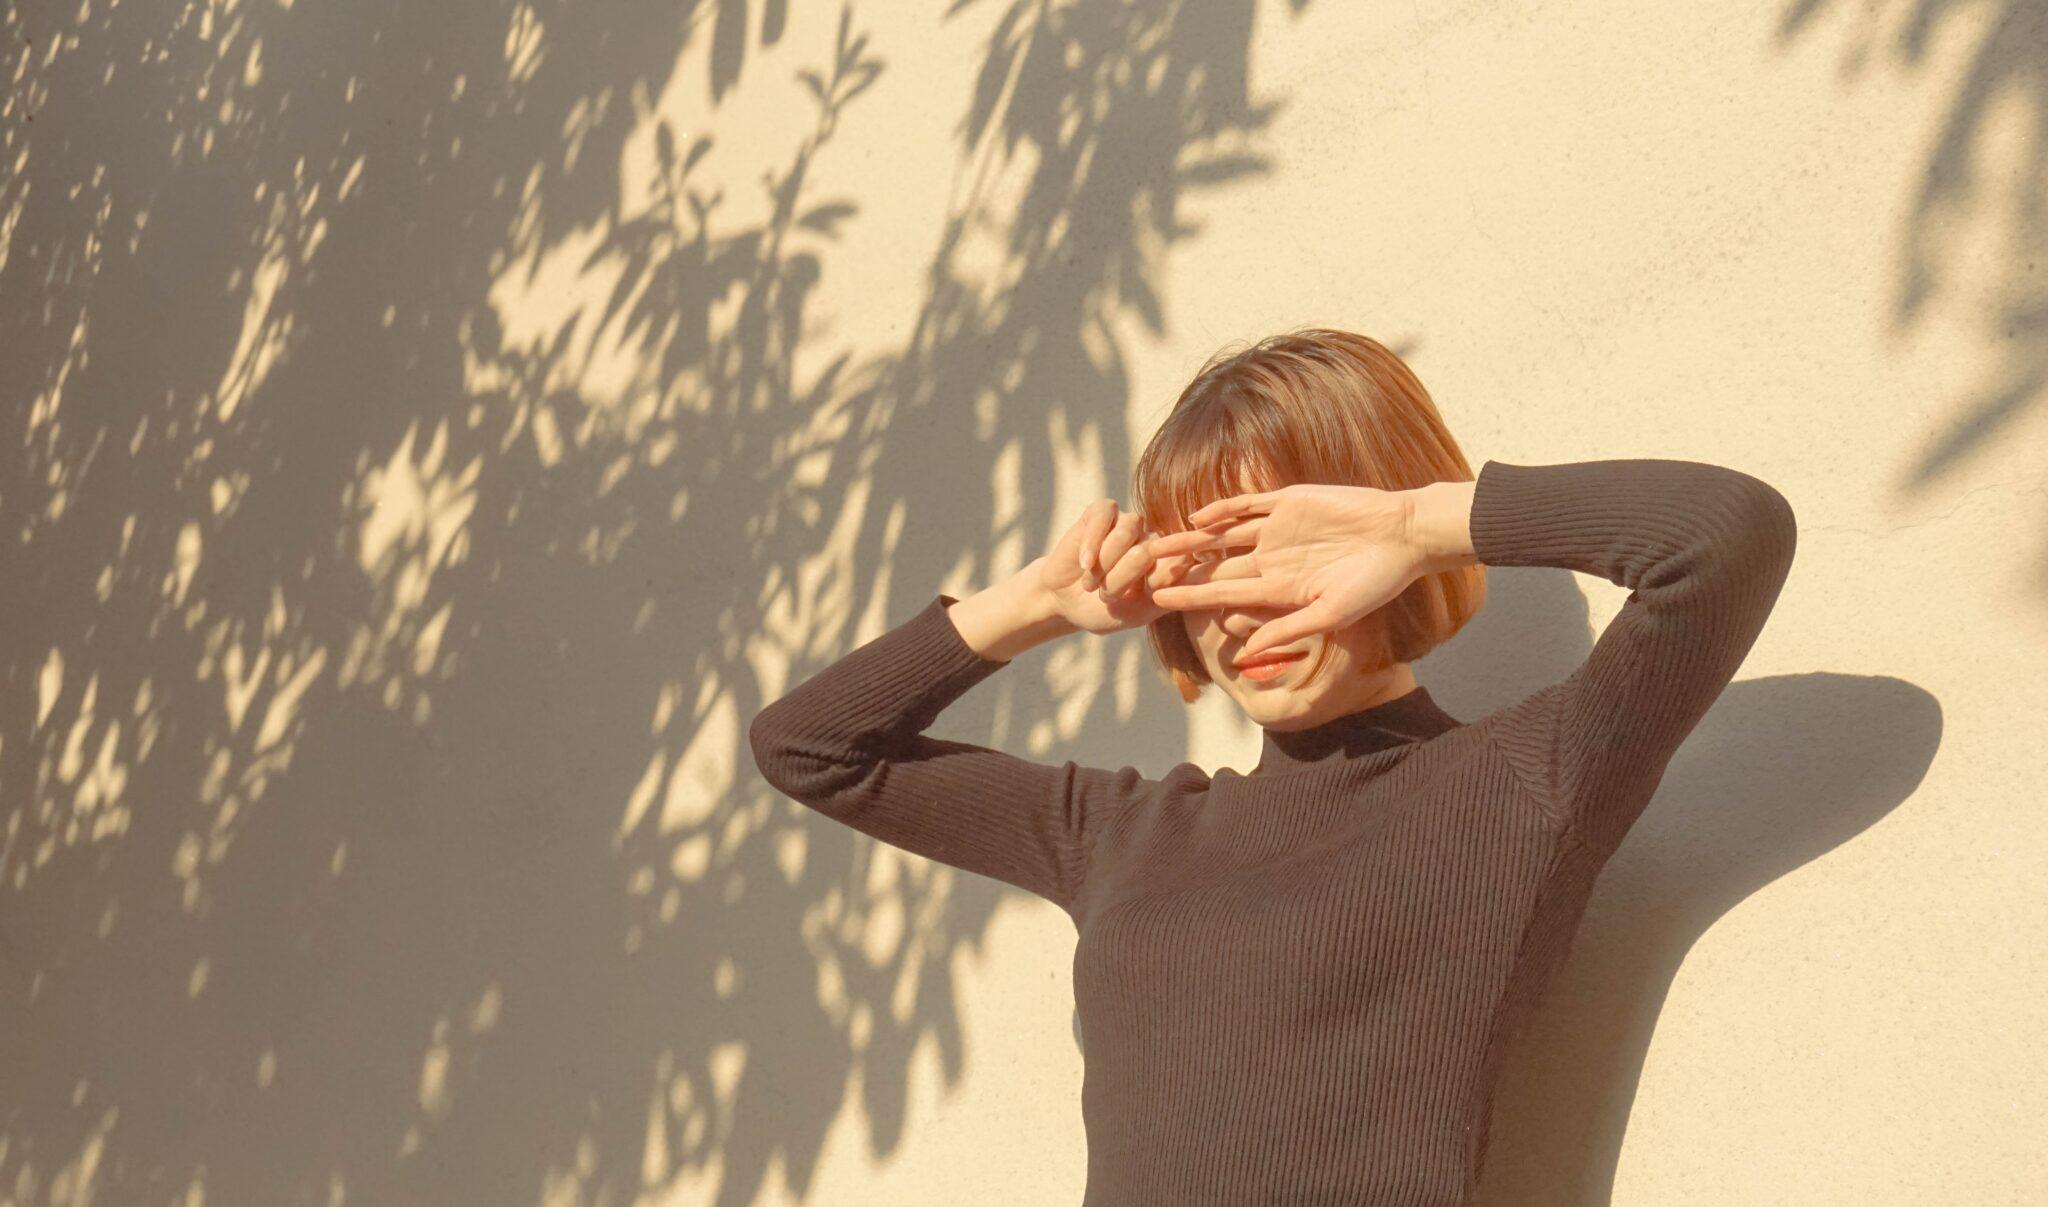 Fotografía de mujer tapándose la cara por reflejo del sol